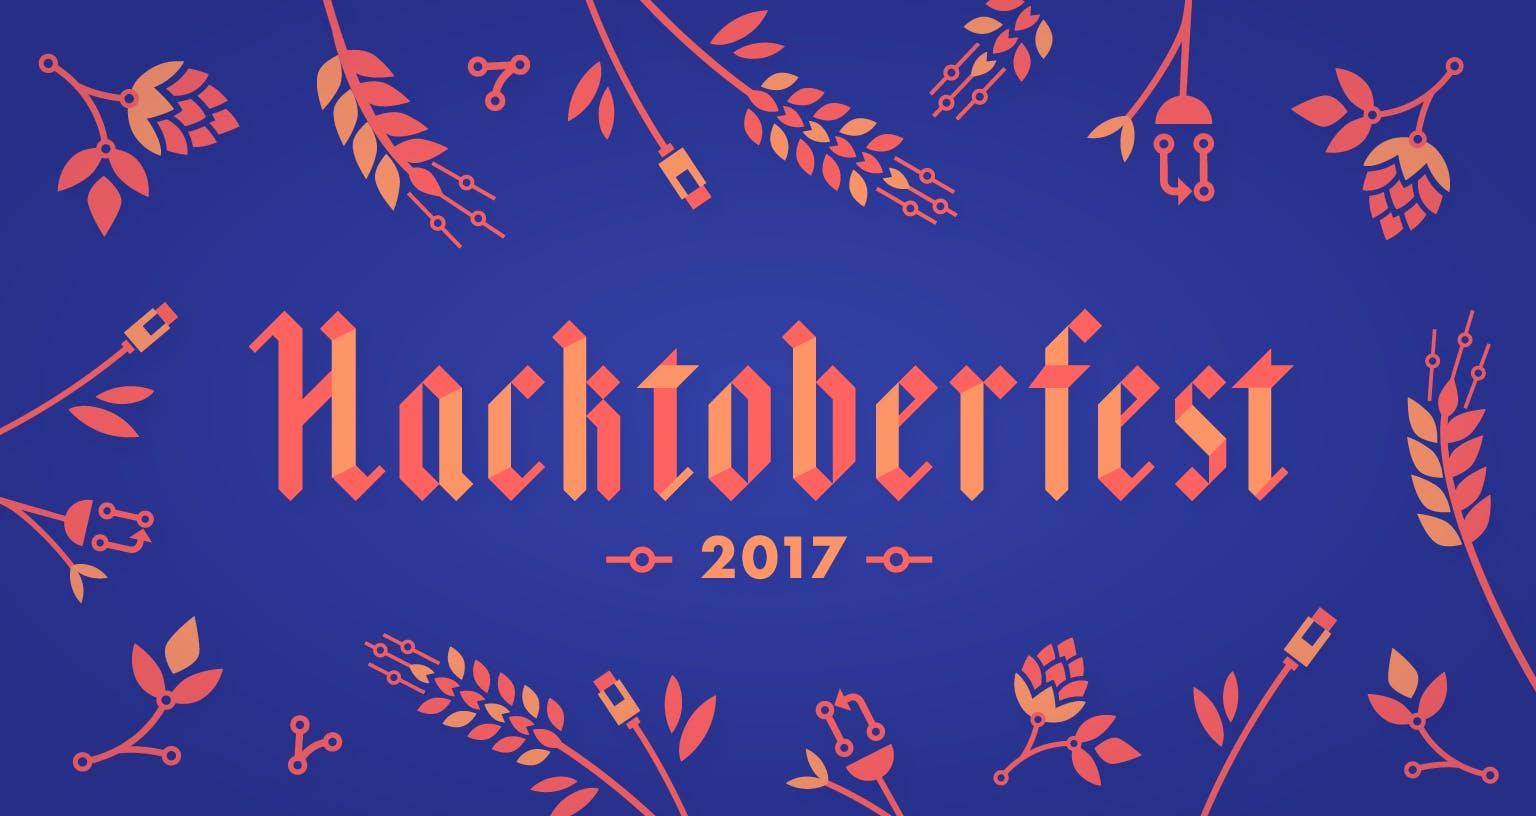 Hacktoberfest 2017 illustration